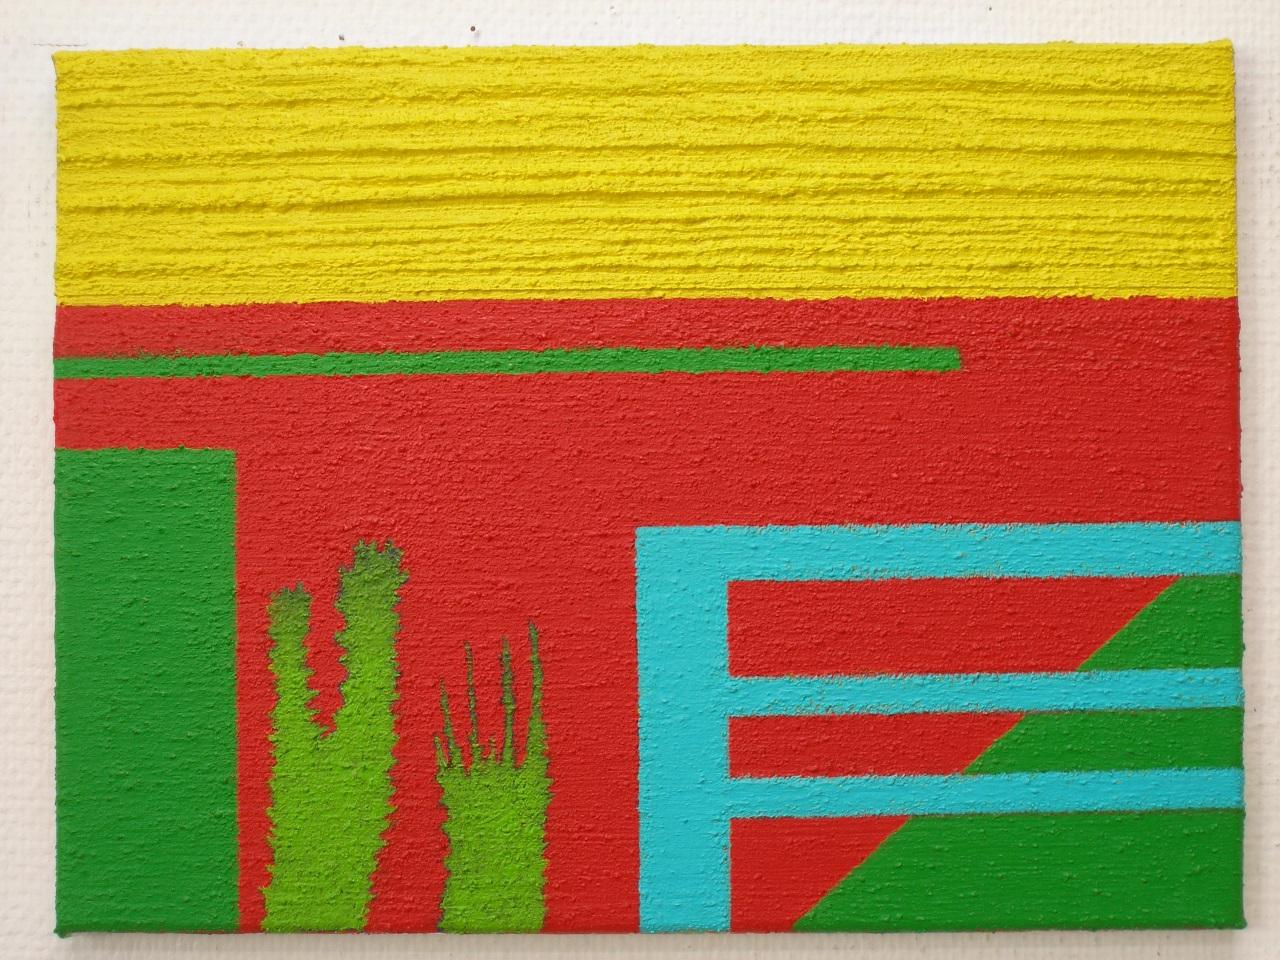 Untitled 4, acrylics-mixedmedia on canvas, 30x40cm